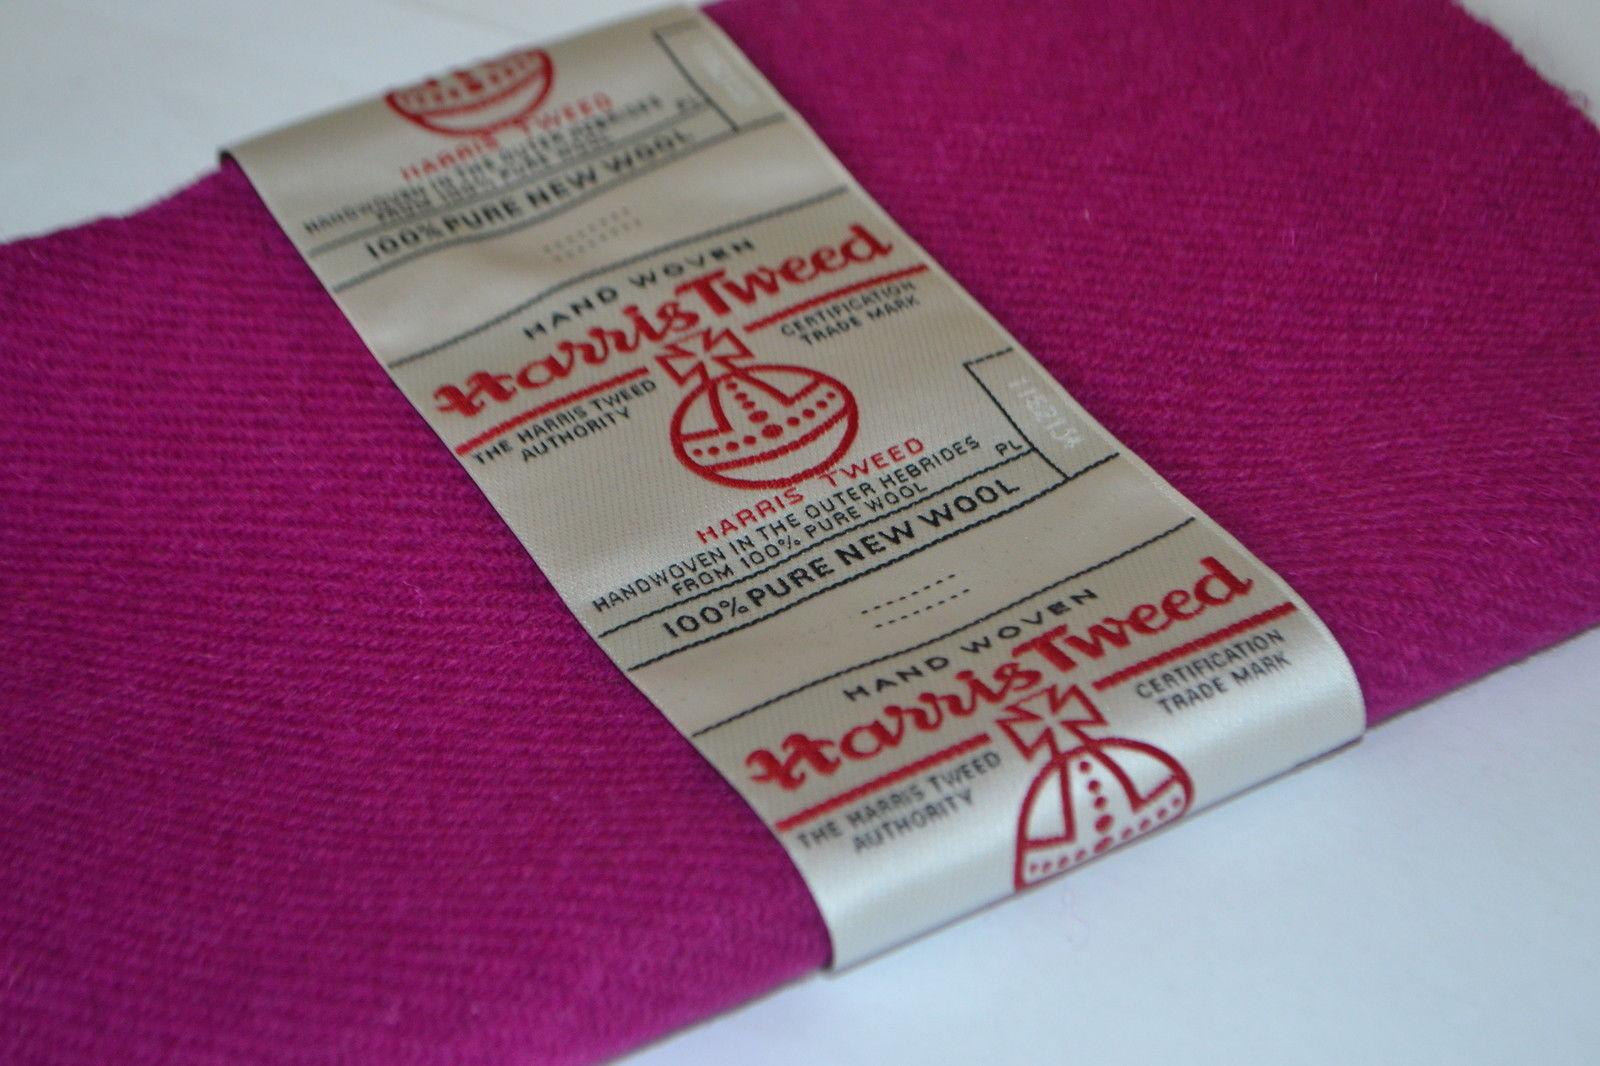 Pink Wool by Harris Tweed